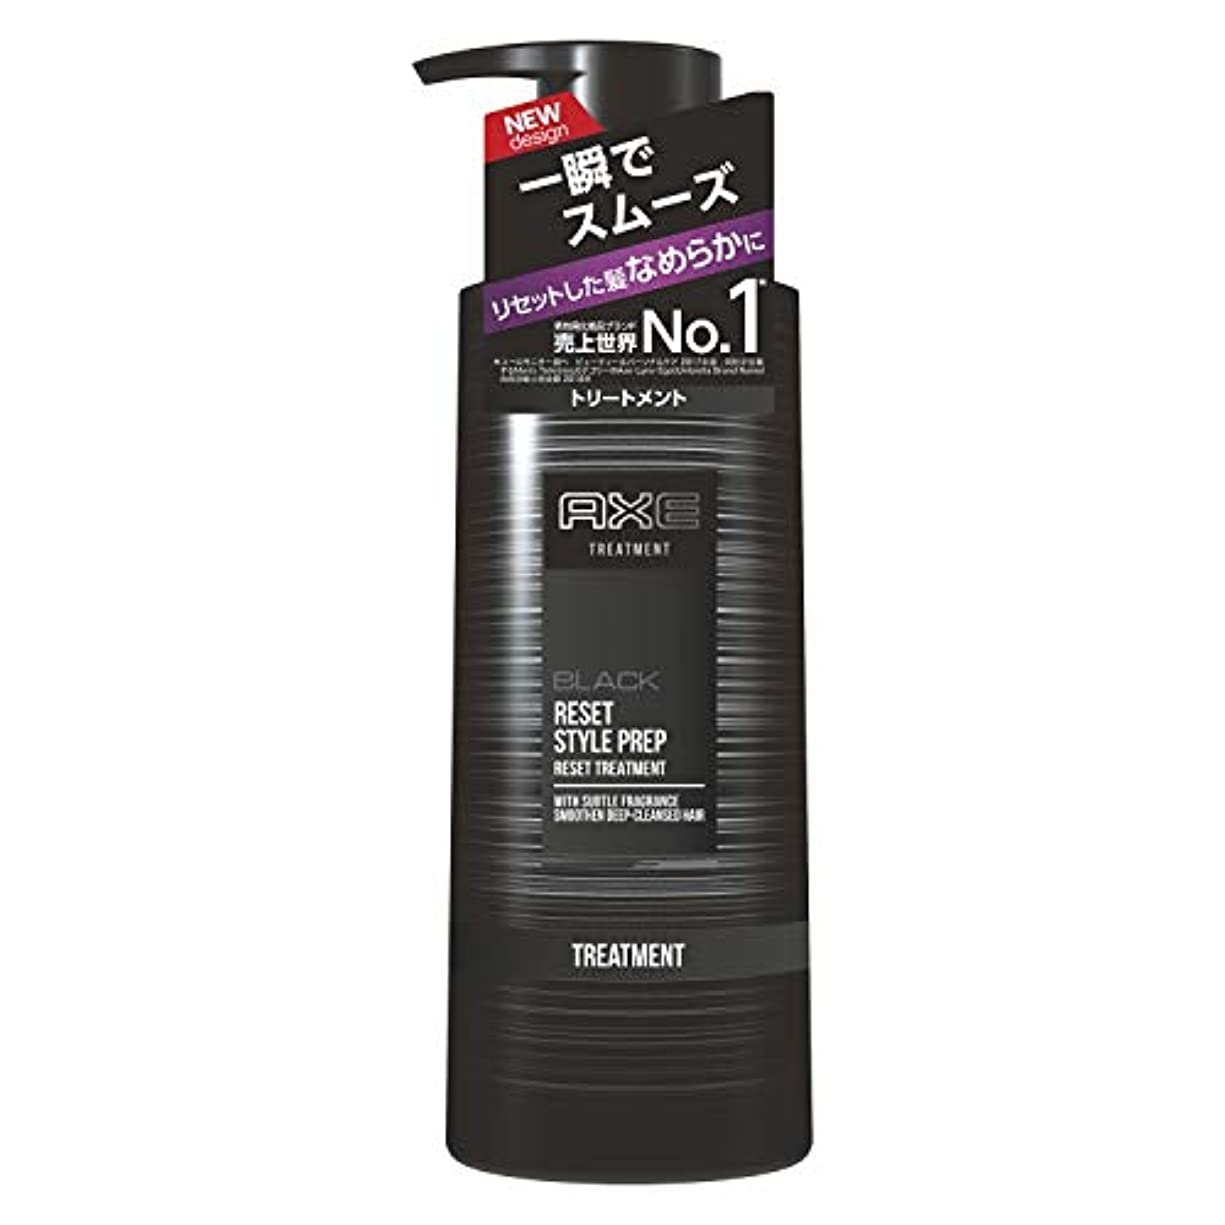 普及南東湾アックス ブラック 男性用 トリートメント ポンプ (速攻スムーズ ラクなスタイリングへ) 350g (クールマリンのさりげない香り)